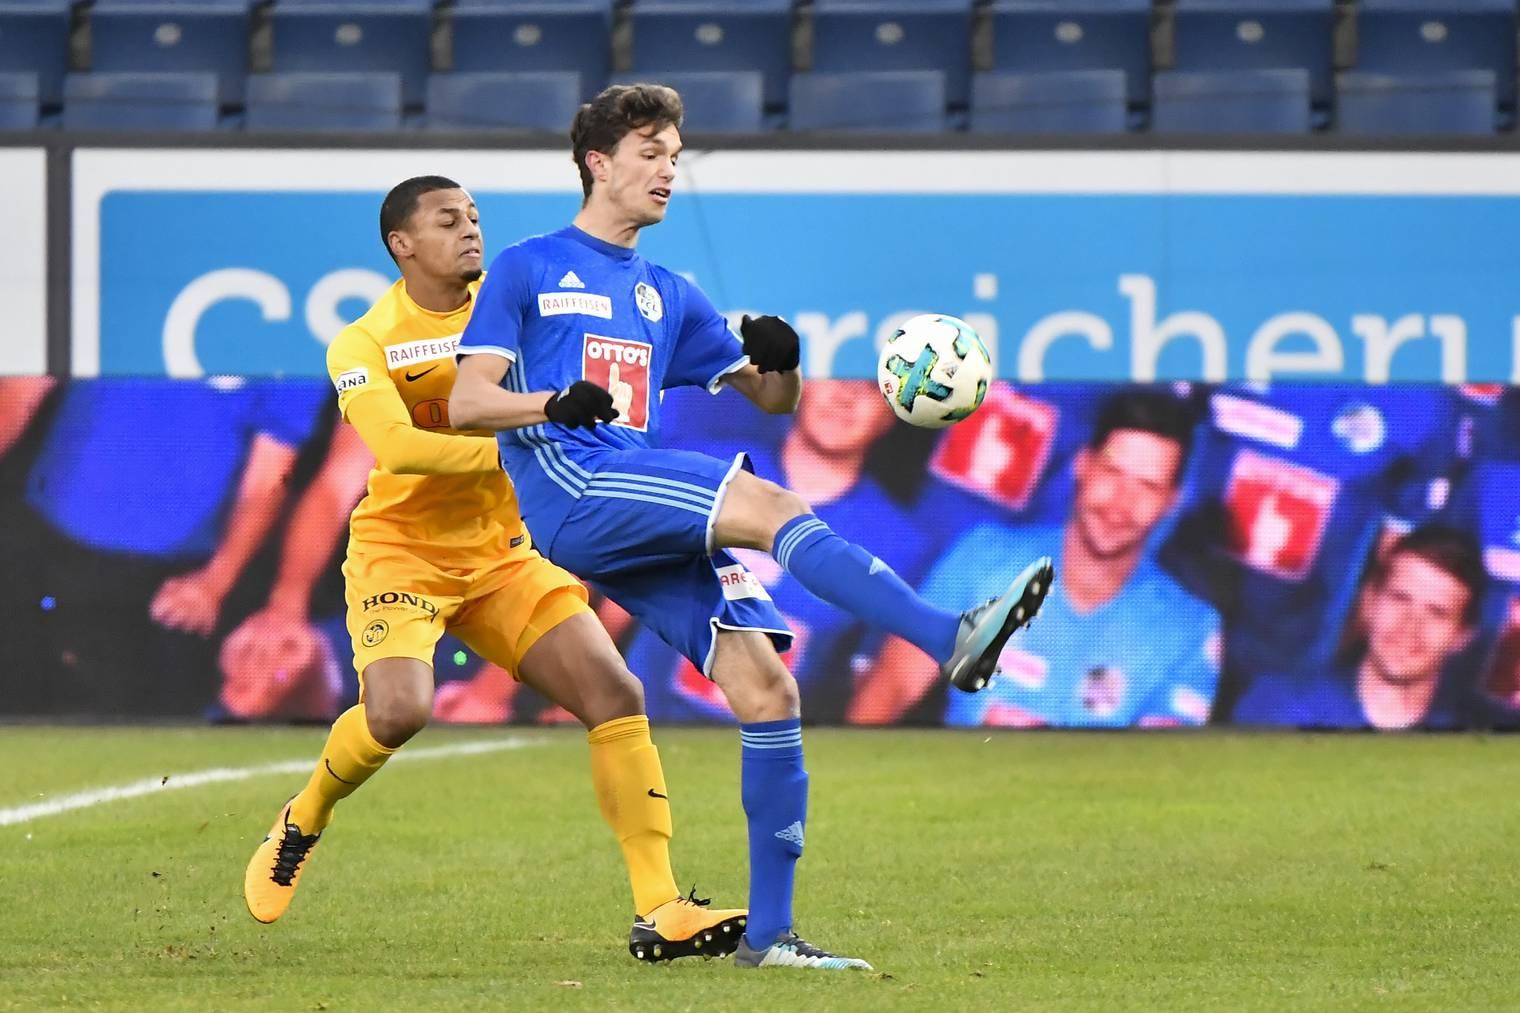 Der Luzerner Stürmer Shkelqim Demhasaj (rechts) im Einsatz gegen YB-Spieler Djibril Sow.